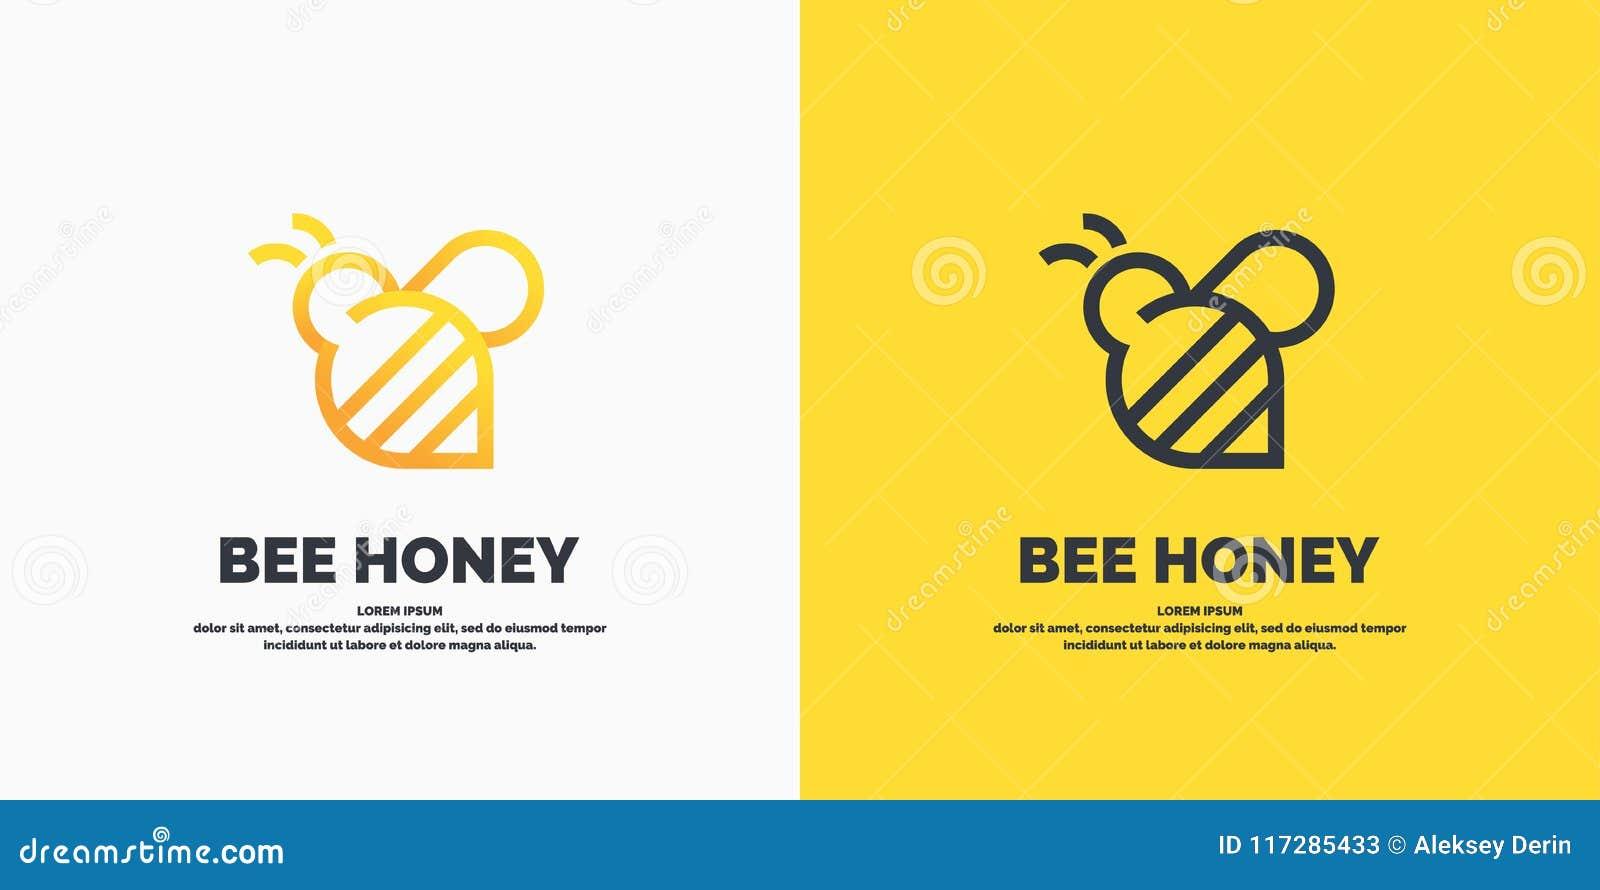 Logotipos lineares modernos para apicultor As etiquetas nos produtos do apiário Etiqueta do vetor para o mel da abelha